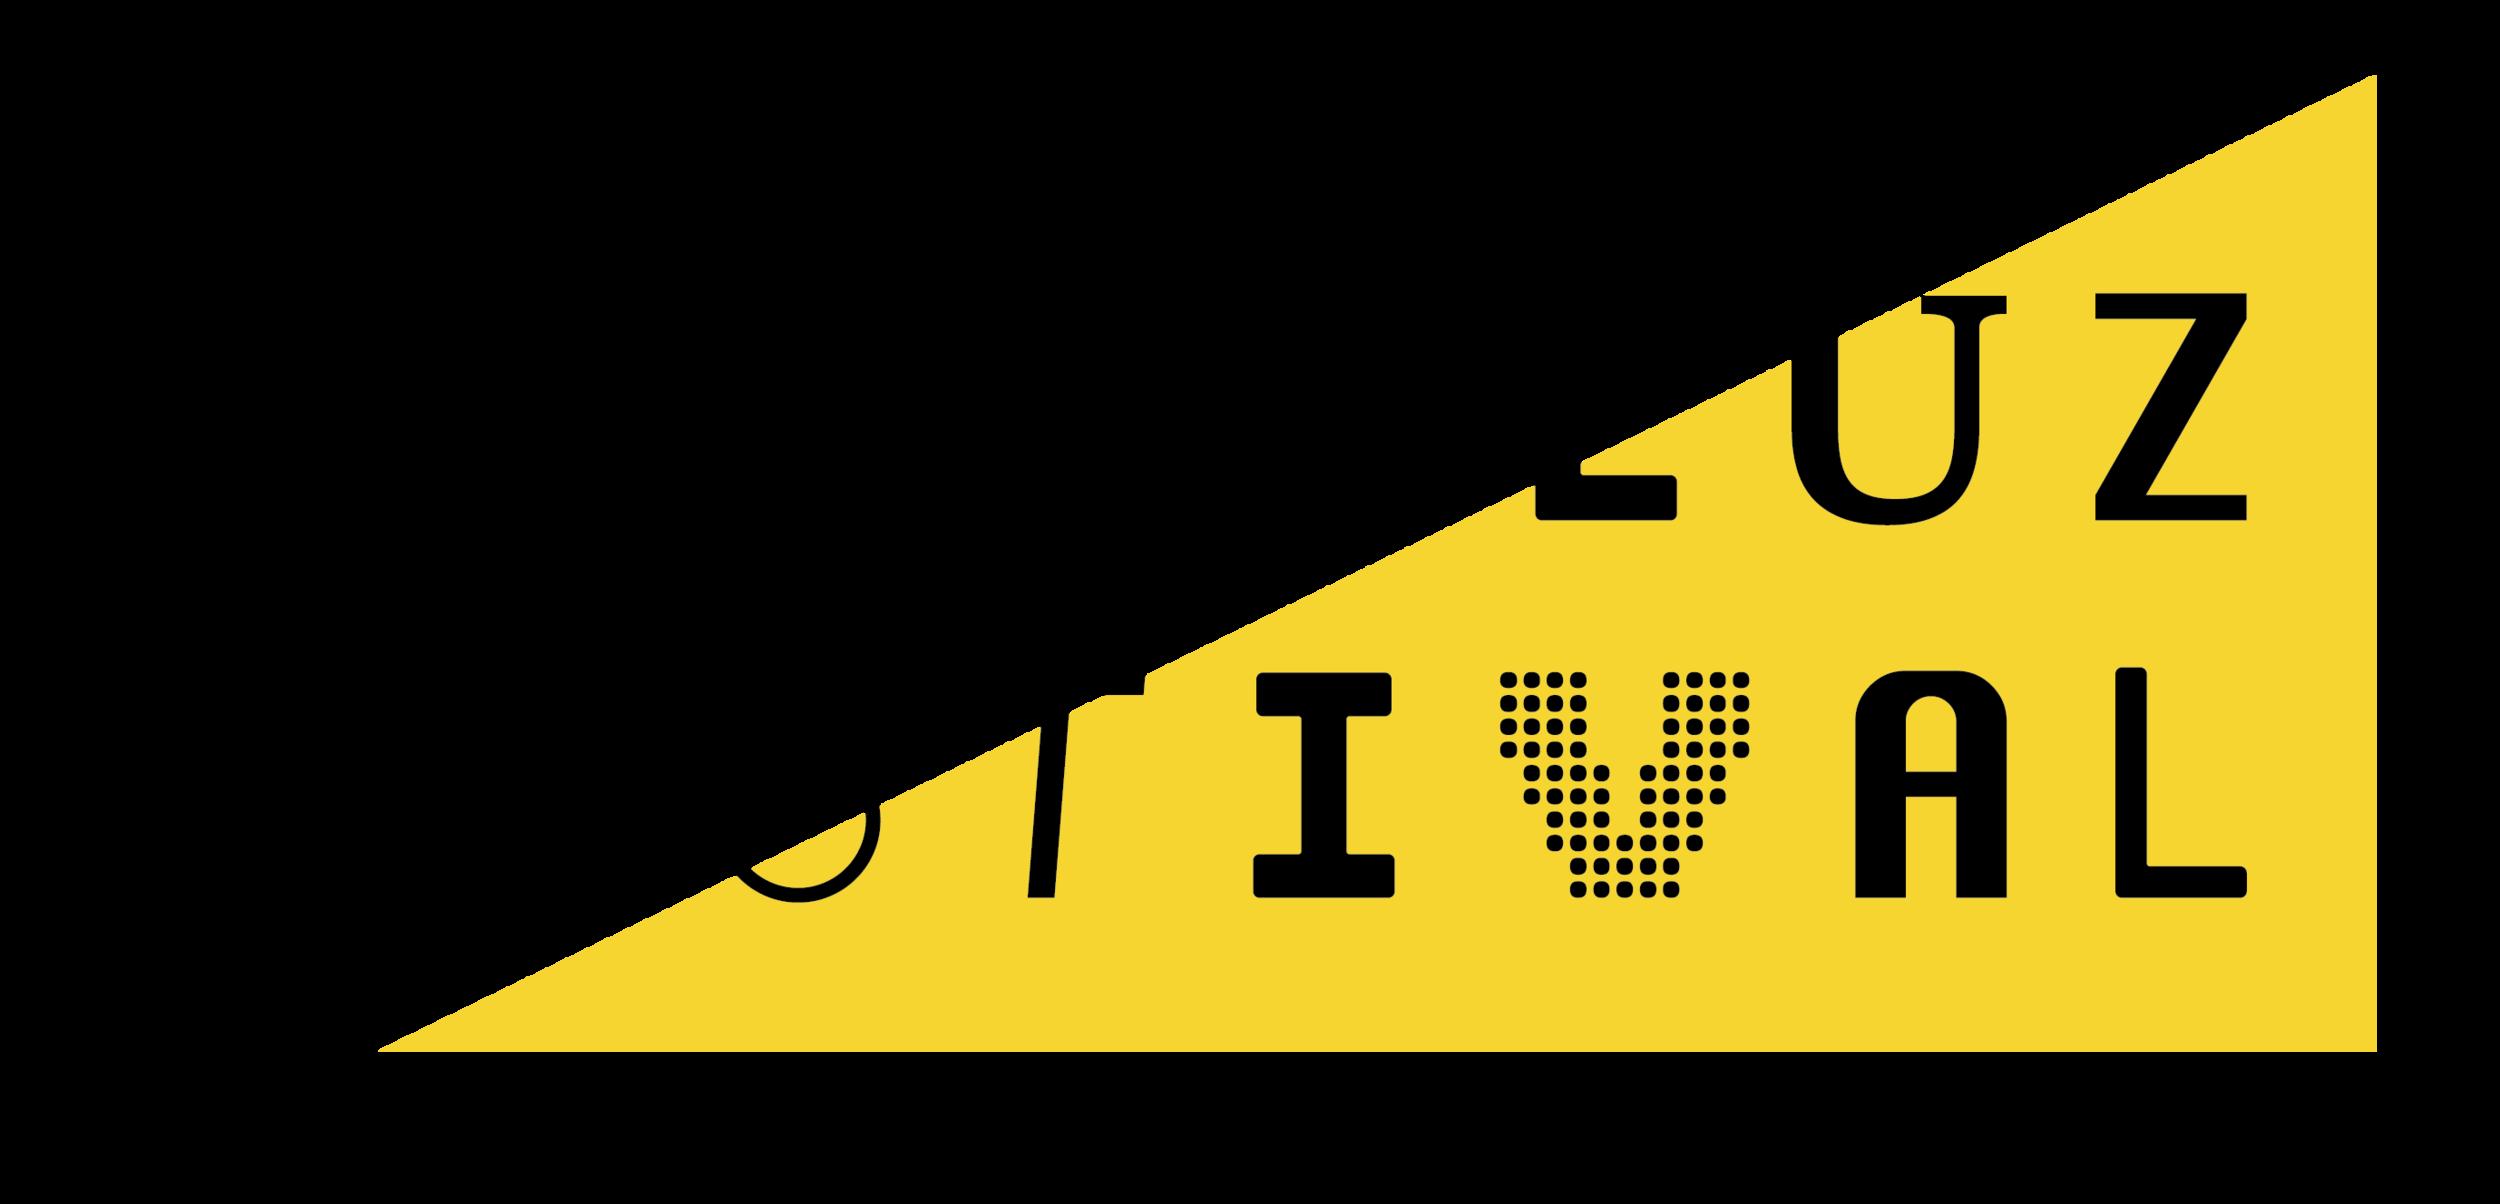 litlux_logo-test-17.png